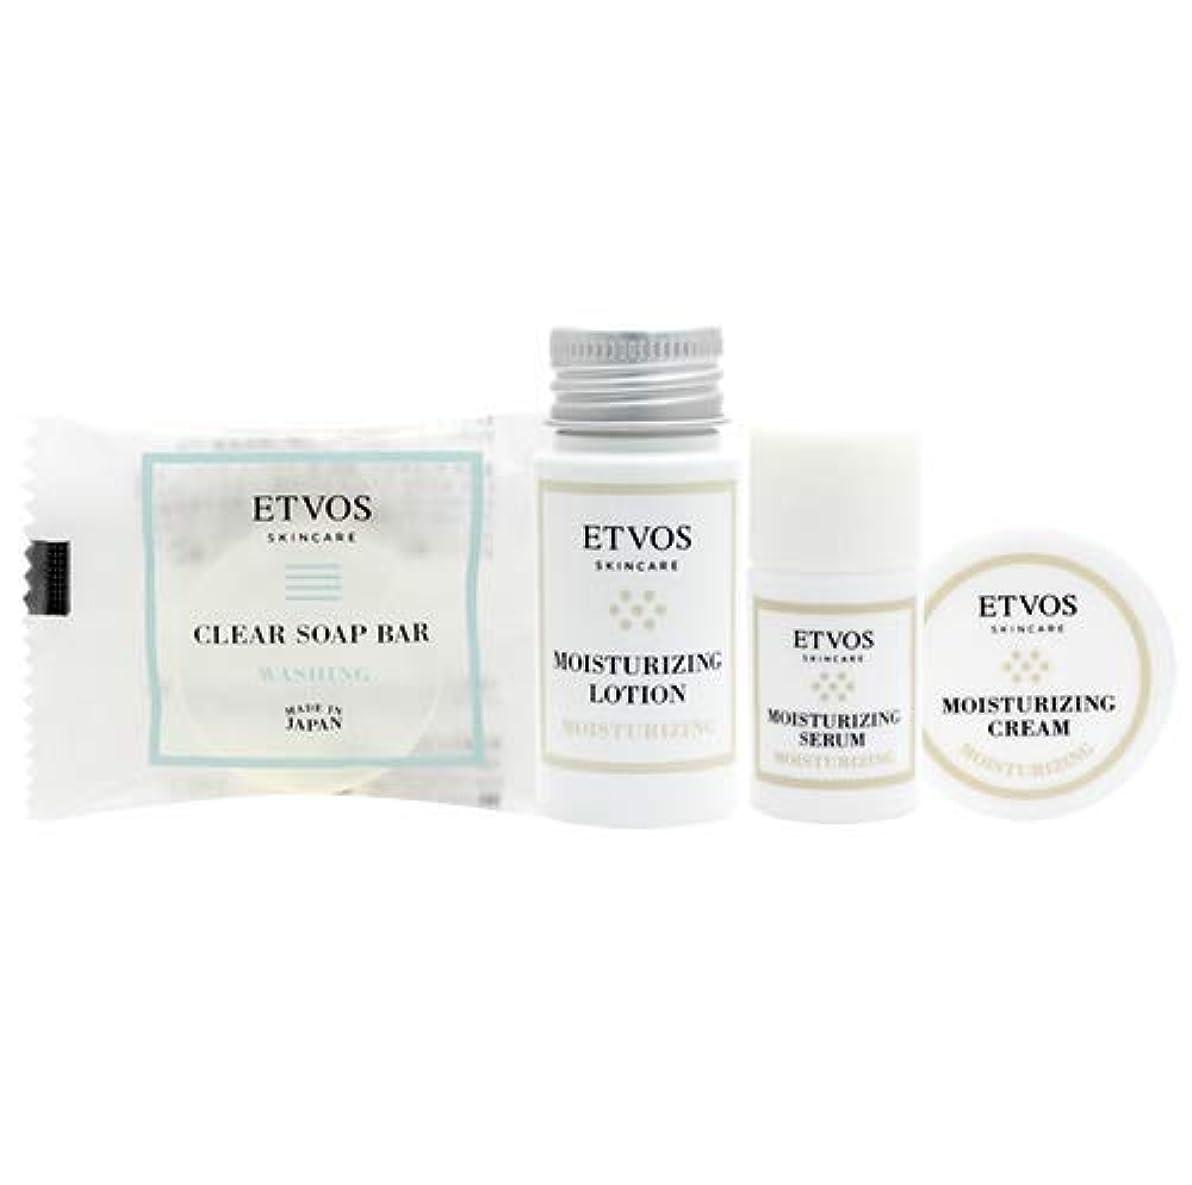 マカダムプレゼンター韓国語ETVOS(エトヴォス) モイスチャーライントラベルセット 2週間お試し[洗顔石鹸/化粧水/美容液/保湿クリーム]